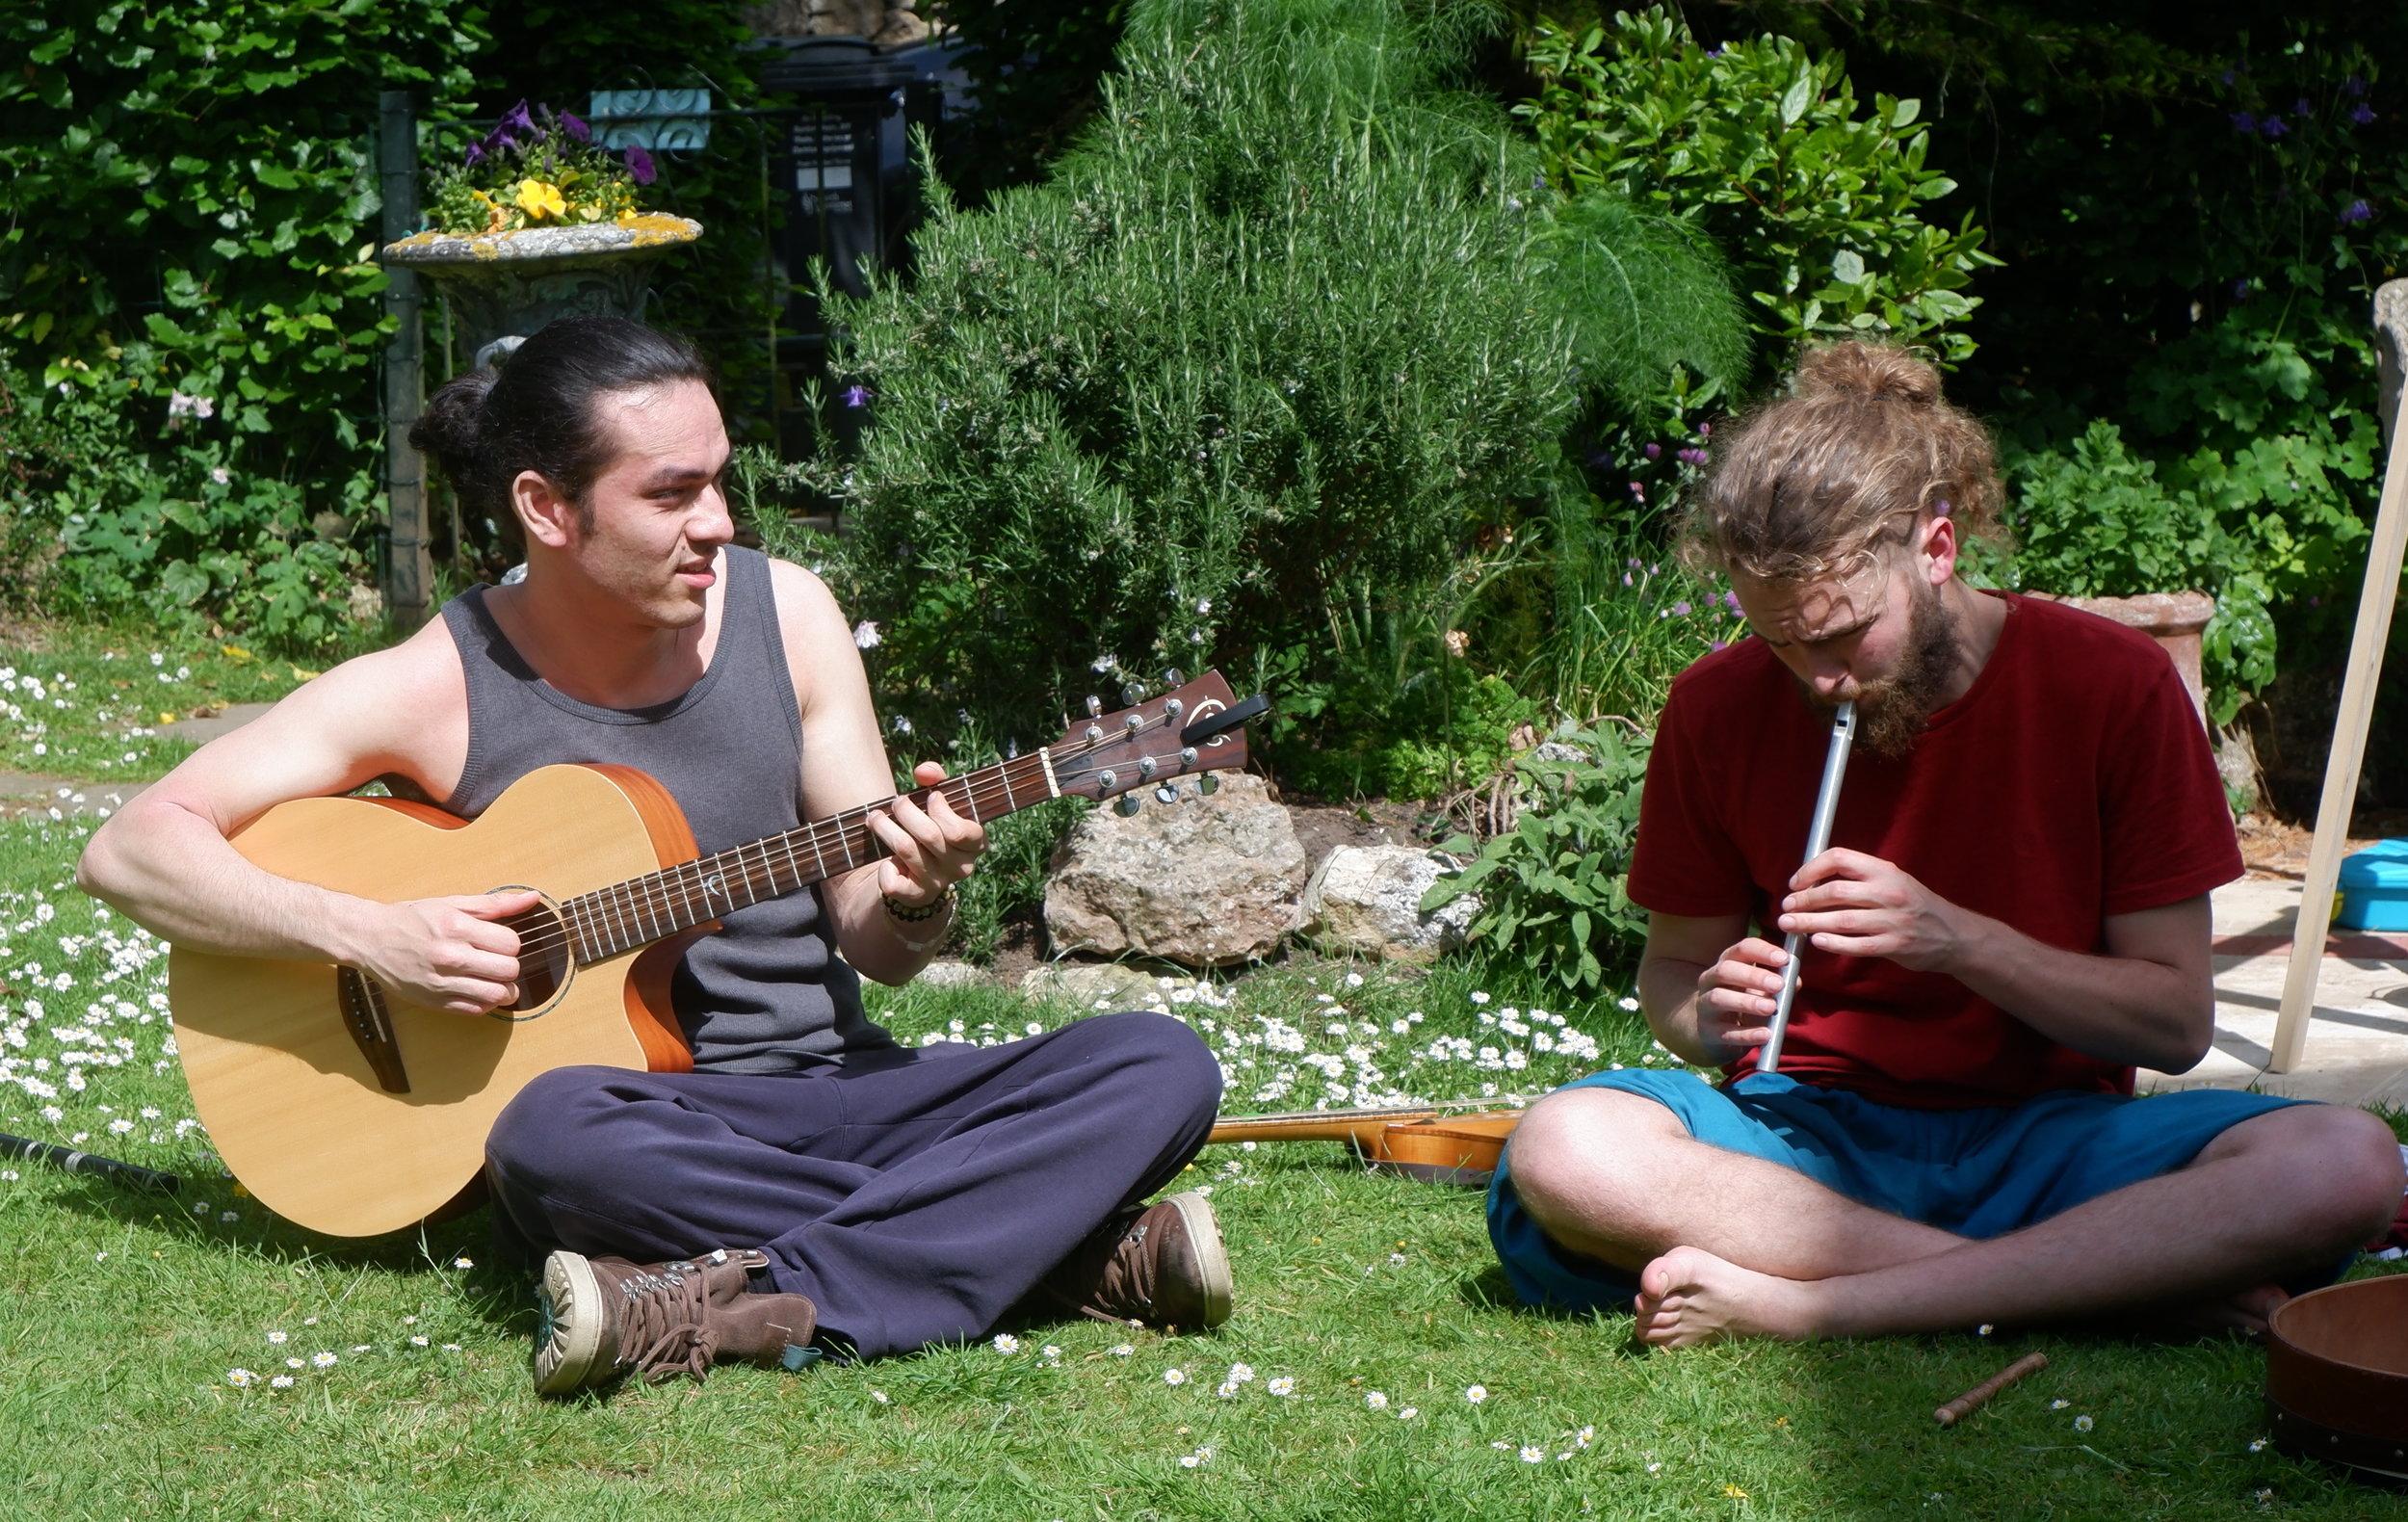 Jon and Tenzin in Garden.JPG